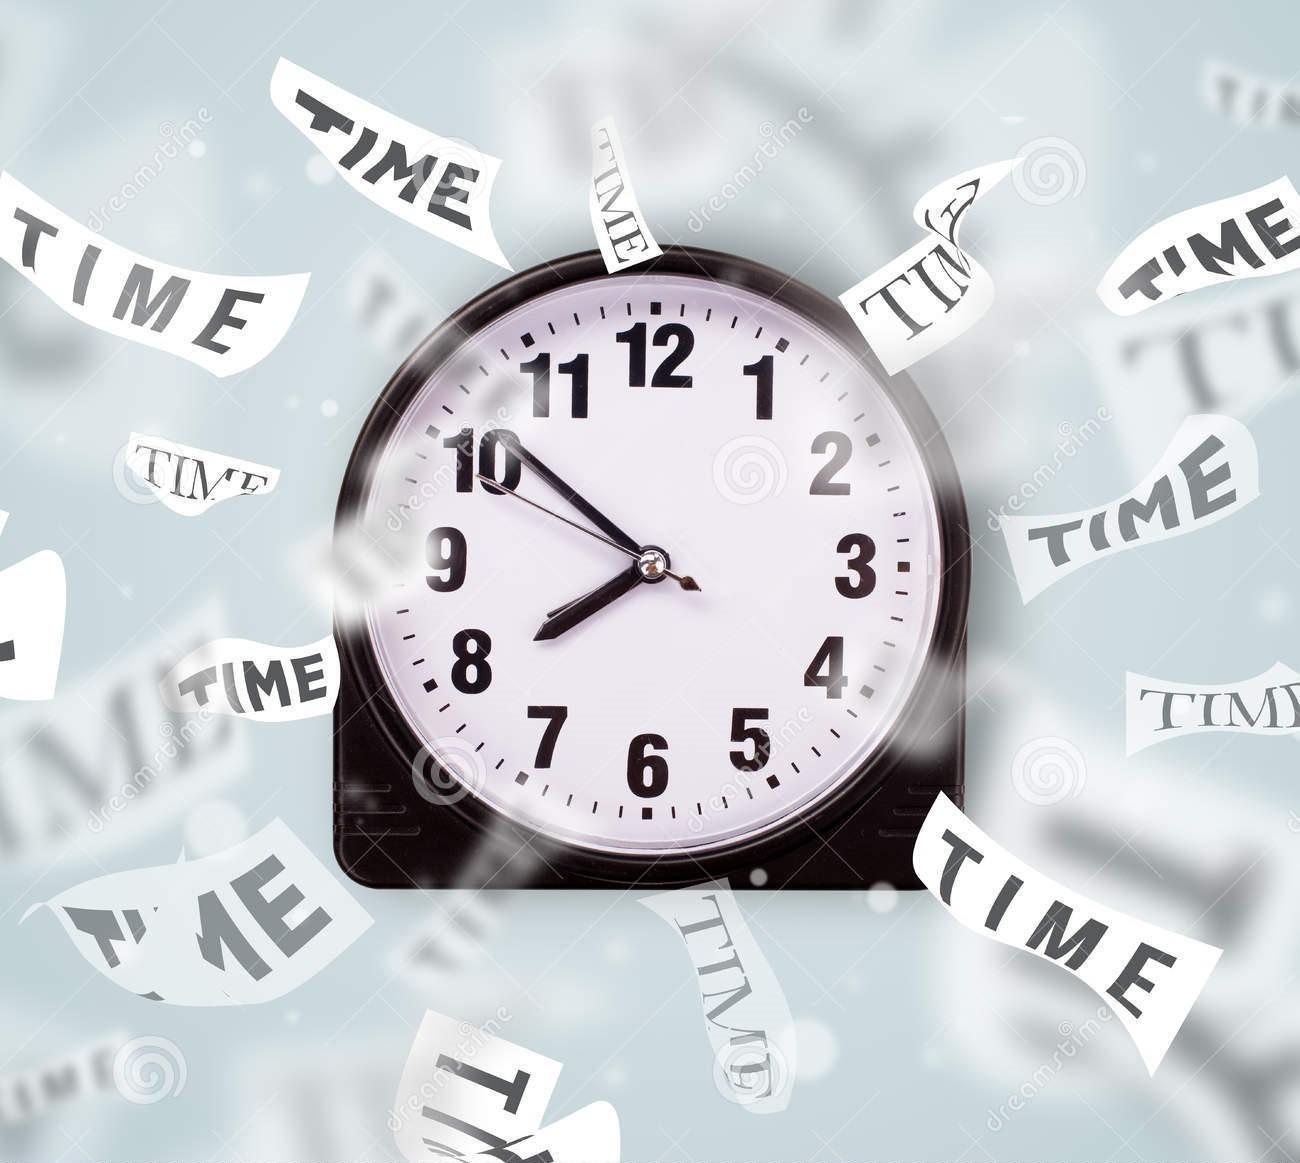 ¿Falta de tiempo?